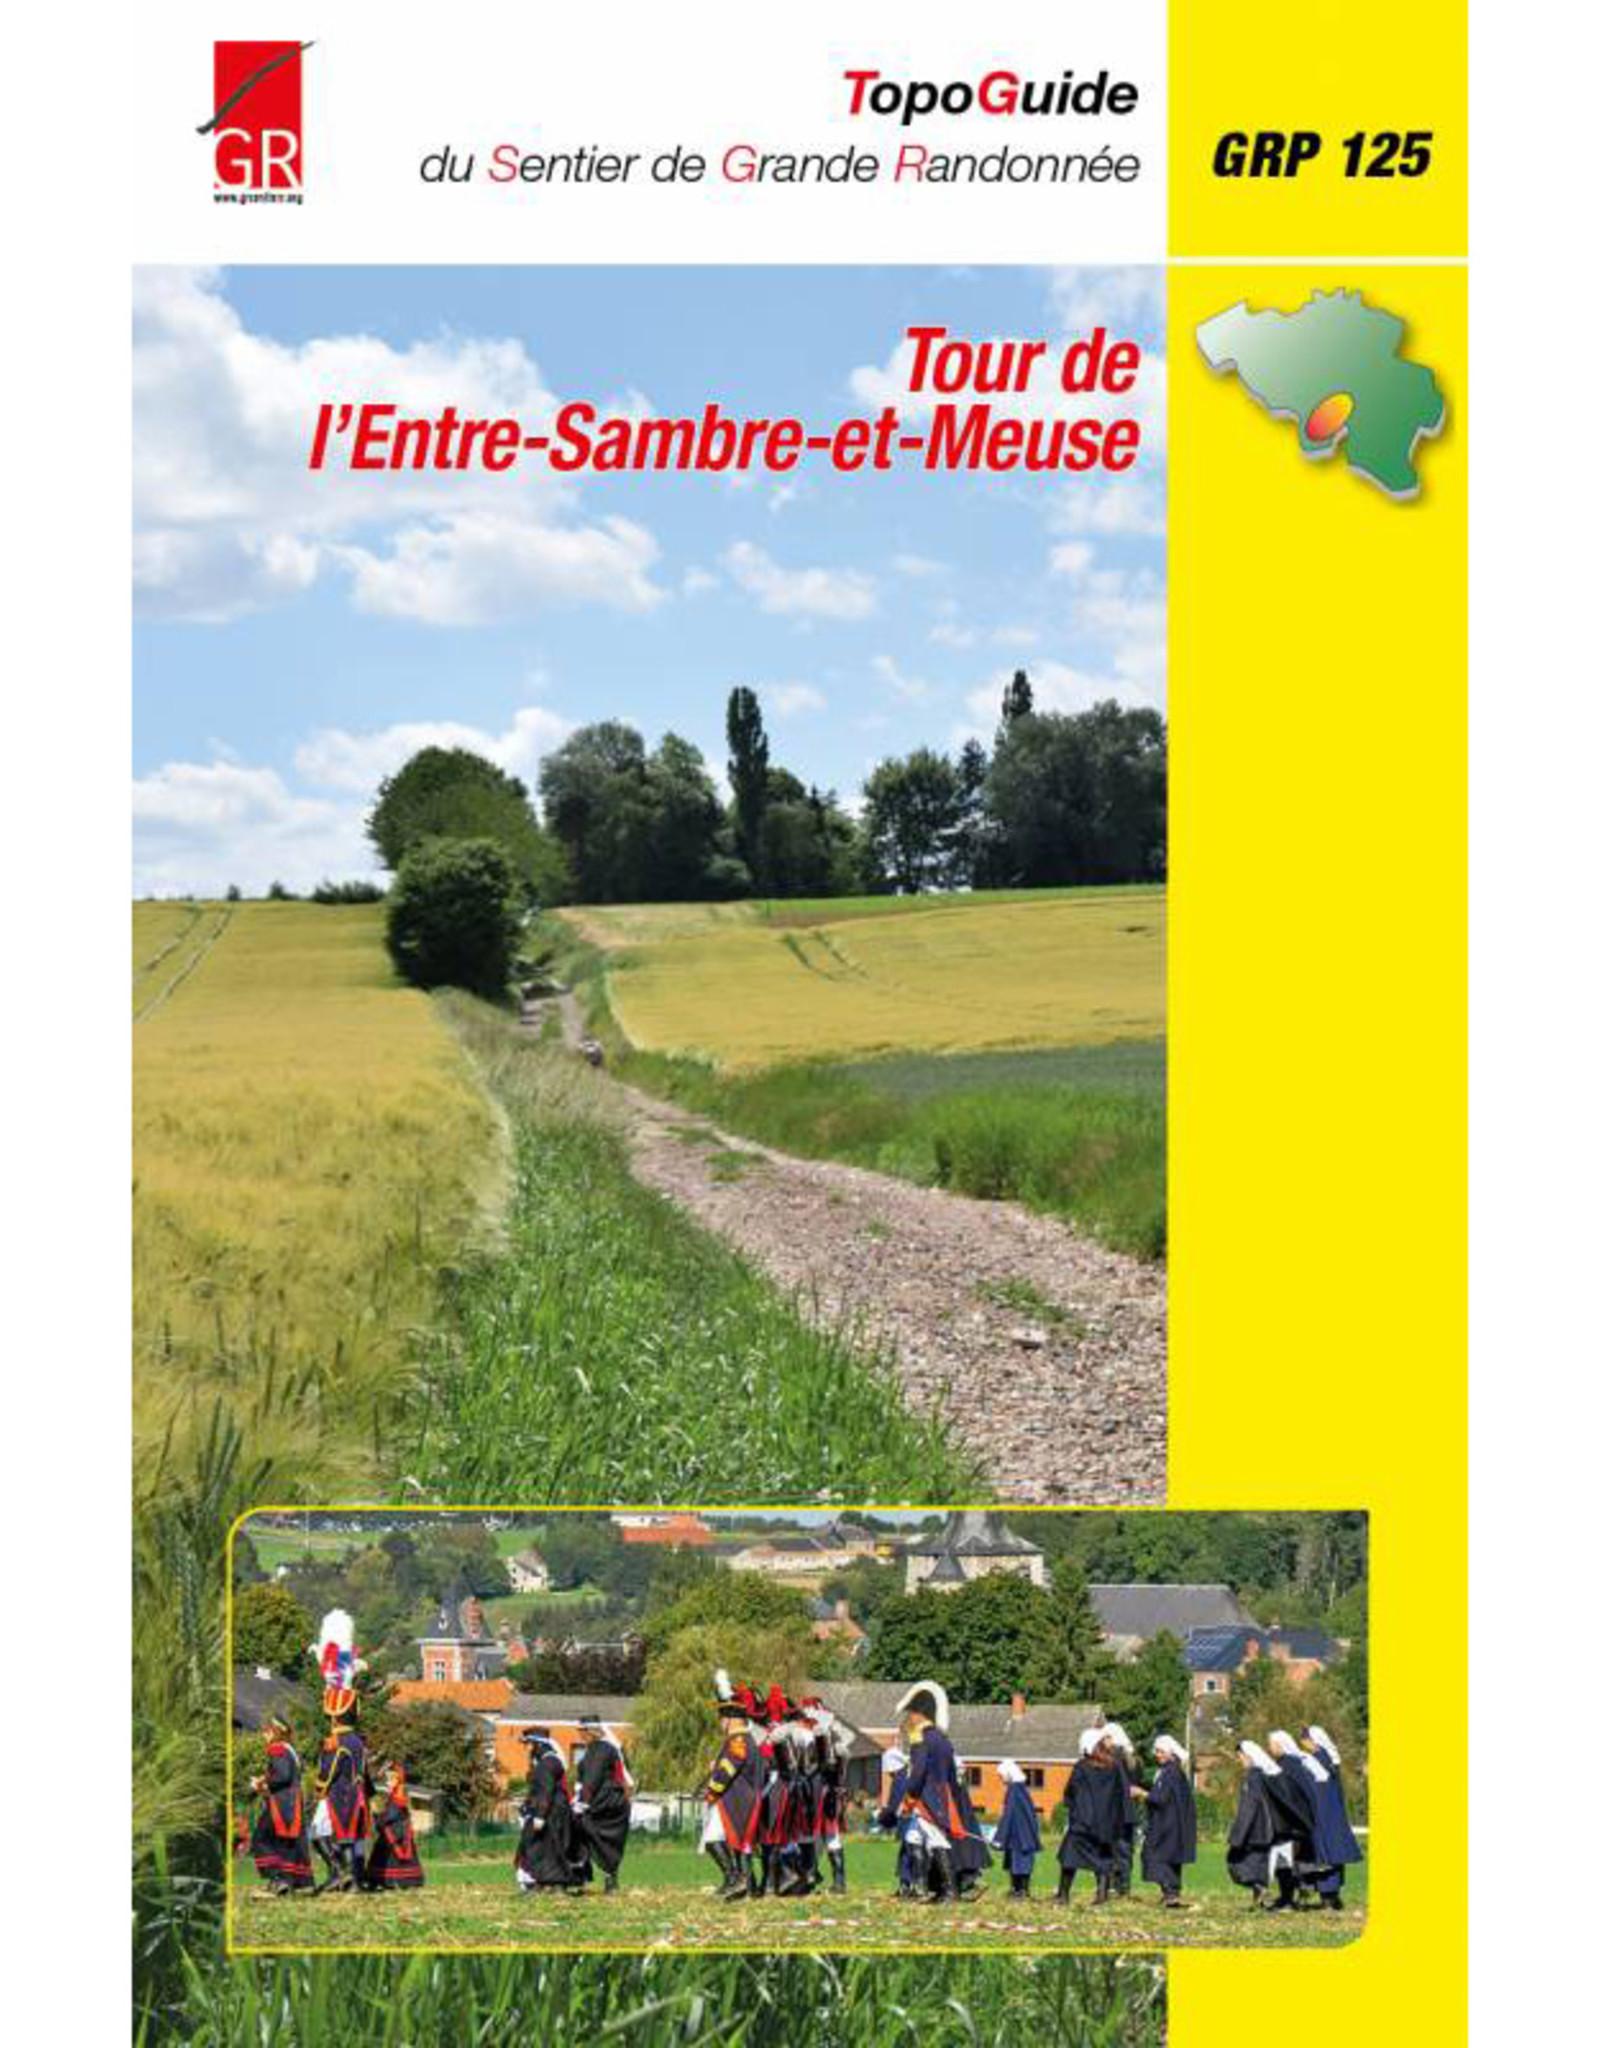 GR sentiers L-Tour de l'Entre-Sambre-et-Meuse